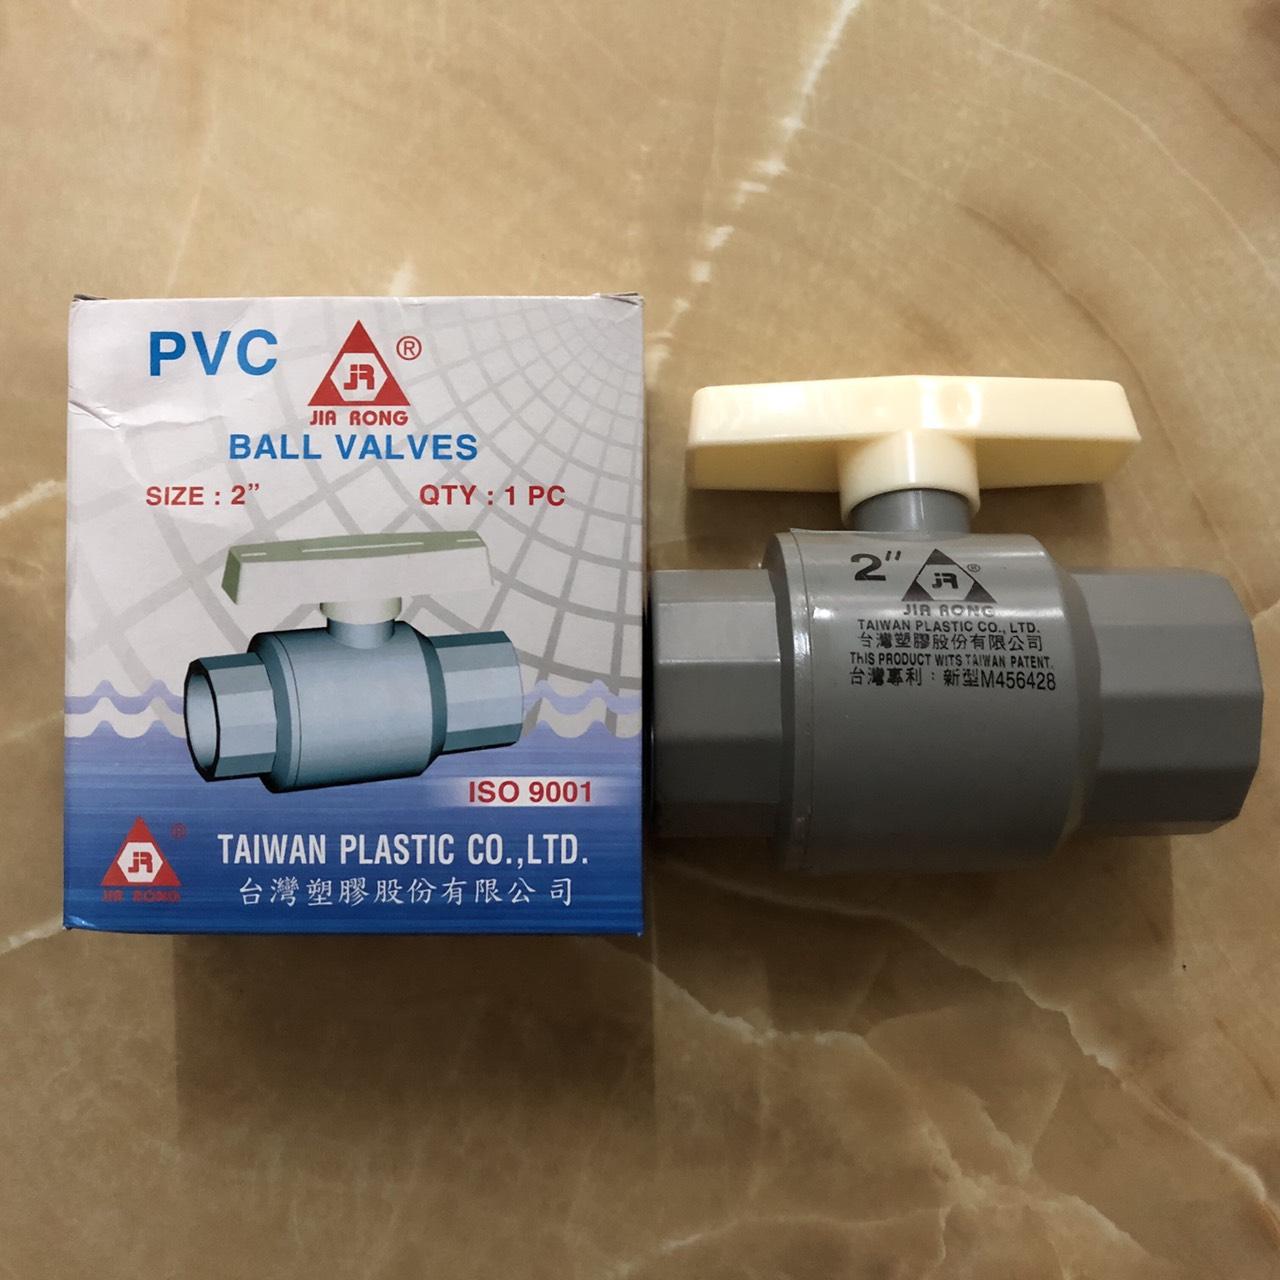 VAN NHỰA PVC 90mm